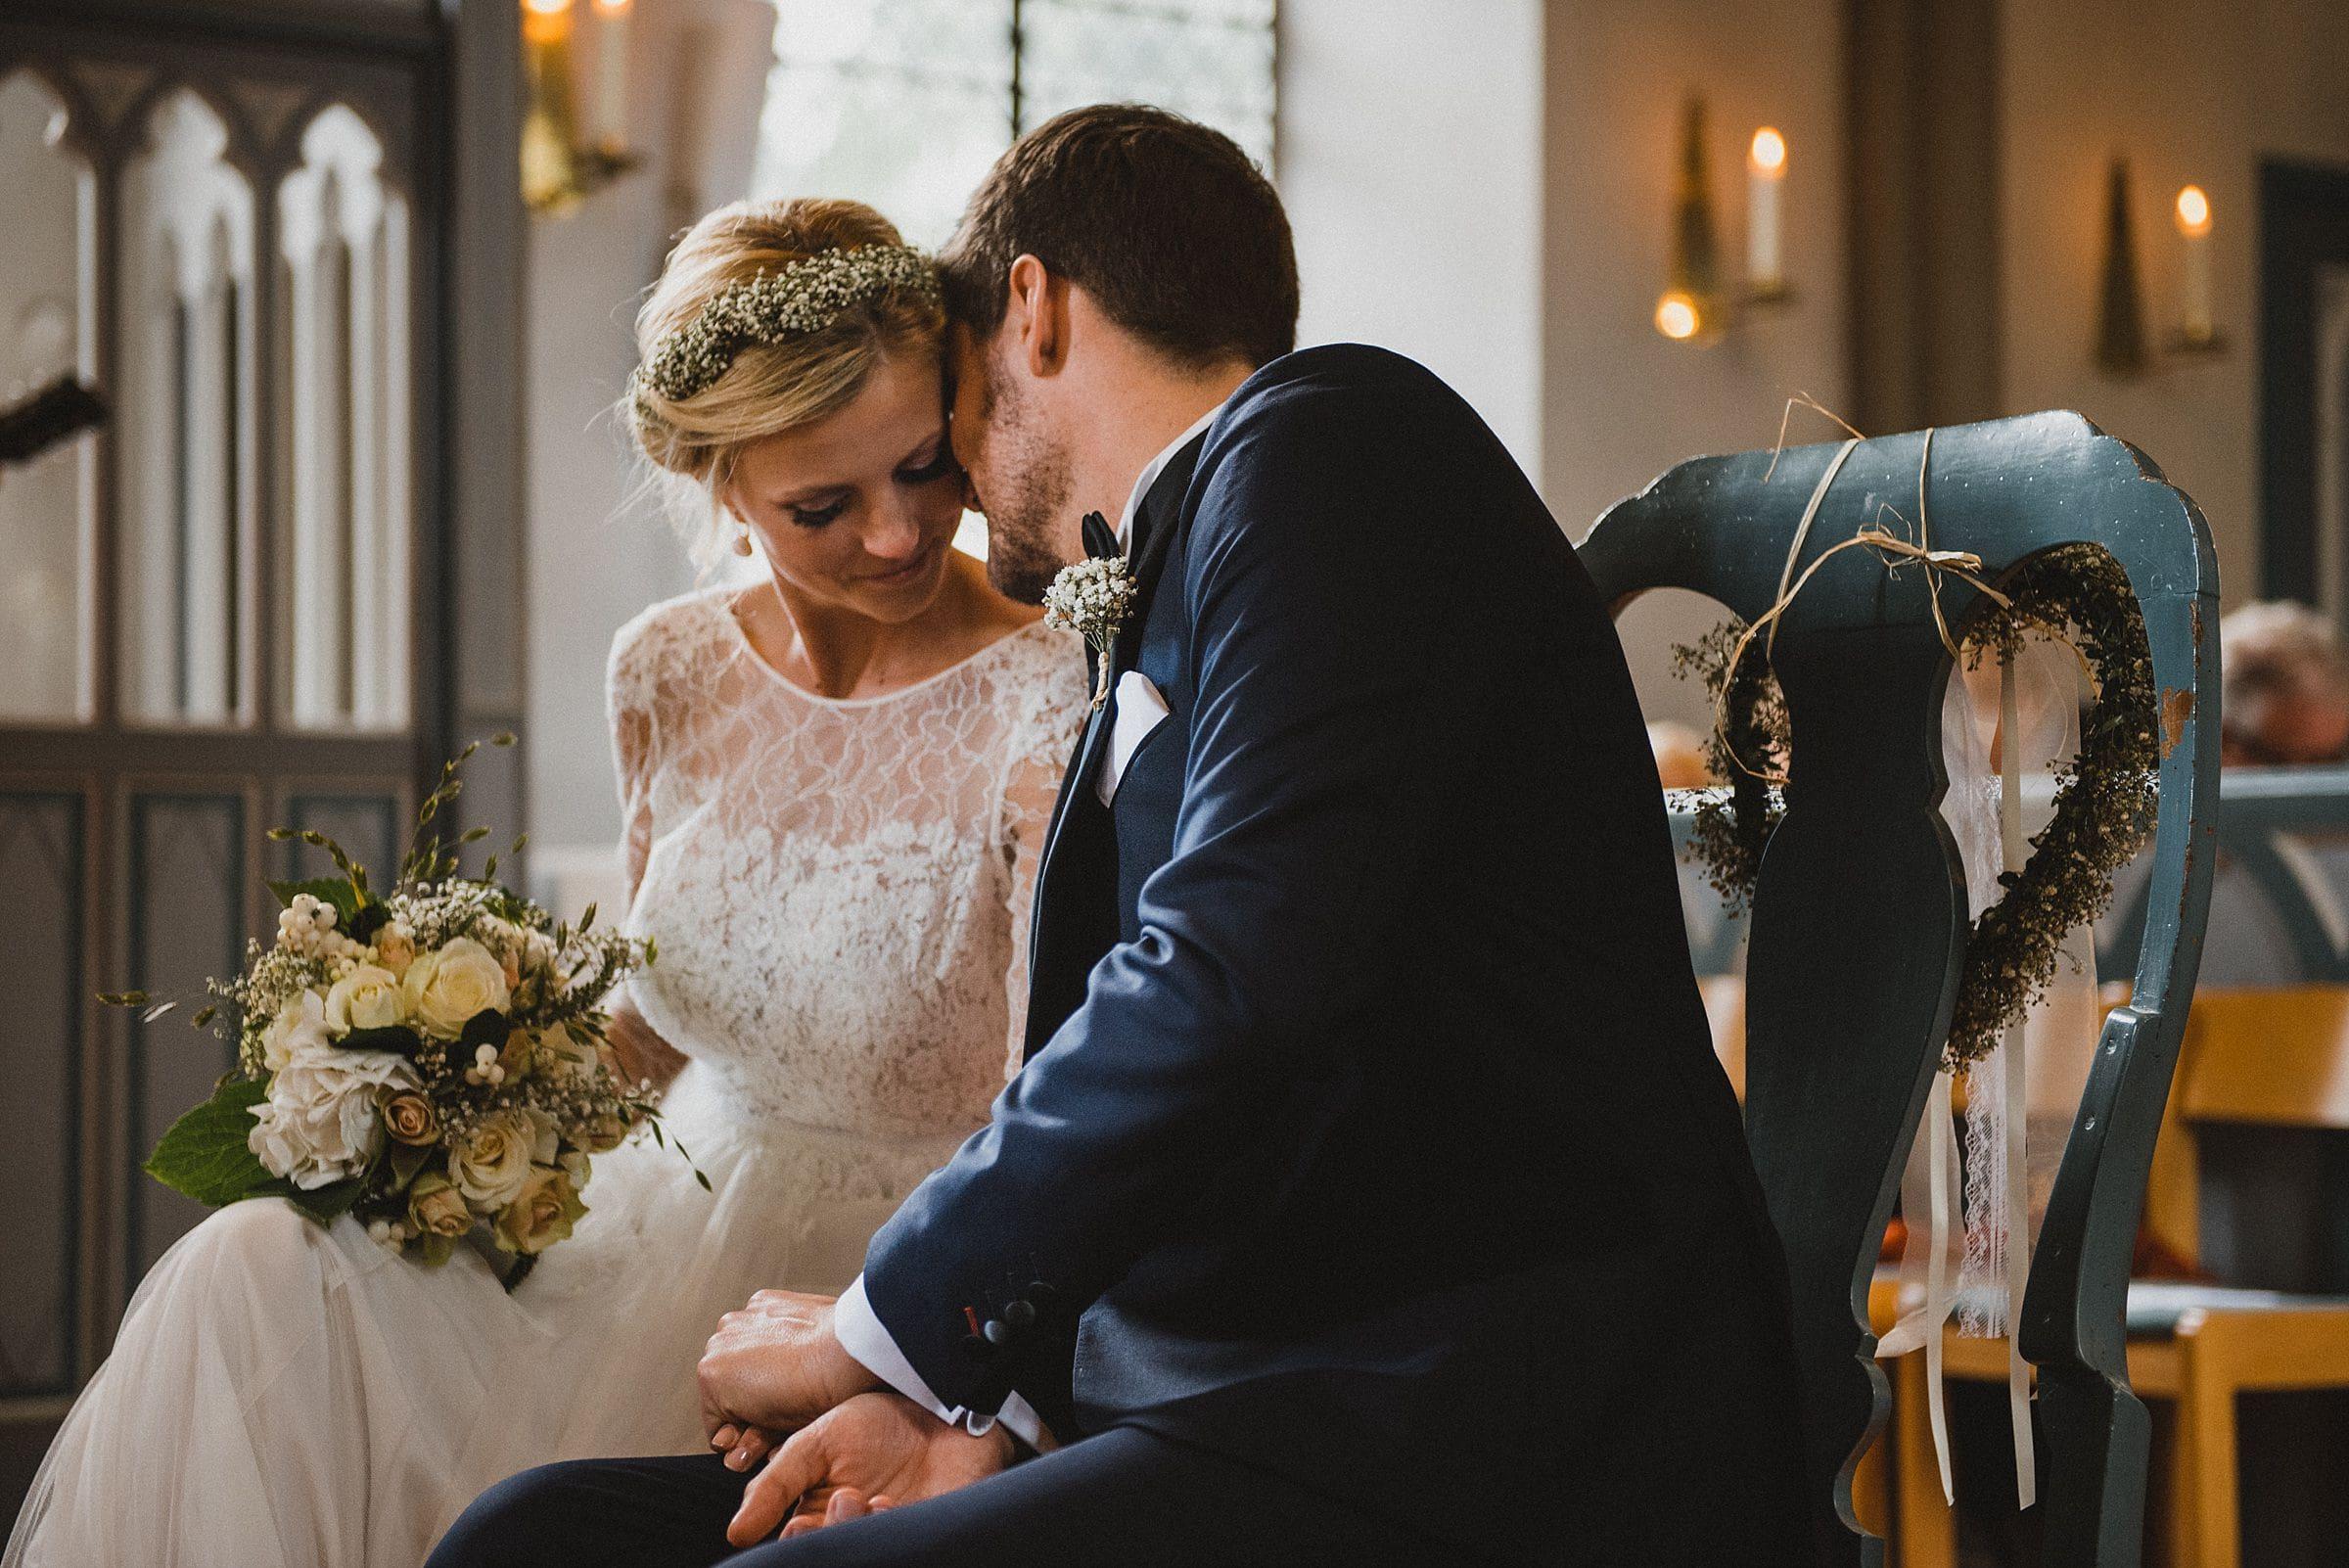 Hochzeitsfotografie Hamburg-Frau-Siemers-Gut Basthorst- kirchliche Trauung Brautpaar kuschelt miteinander